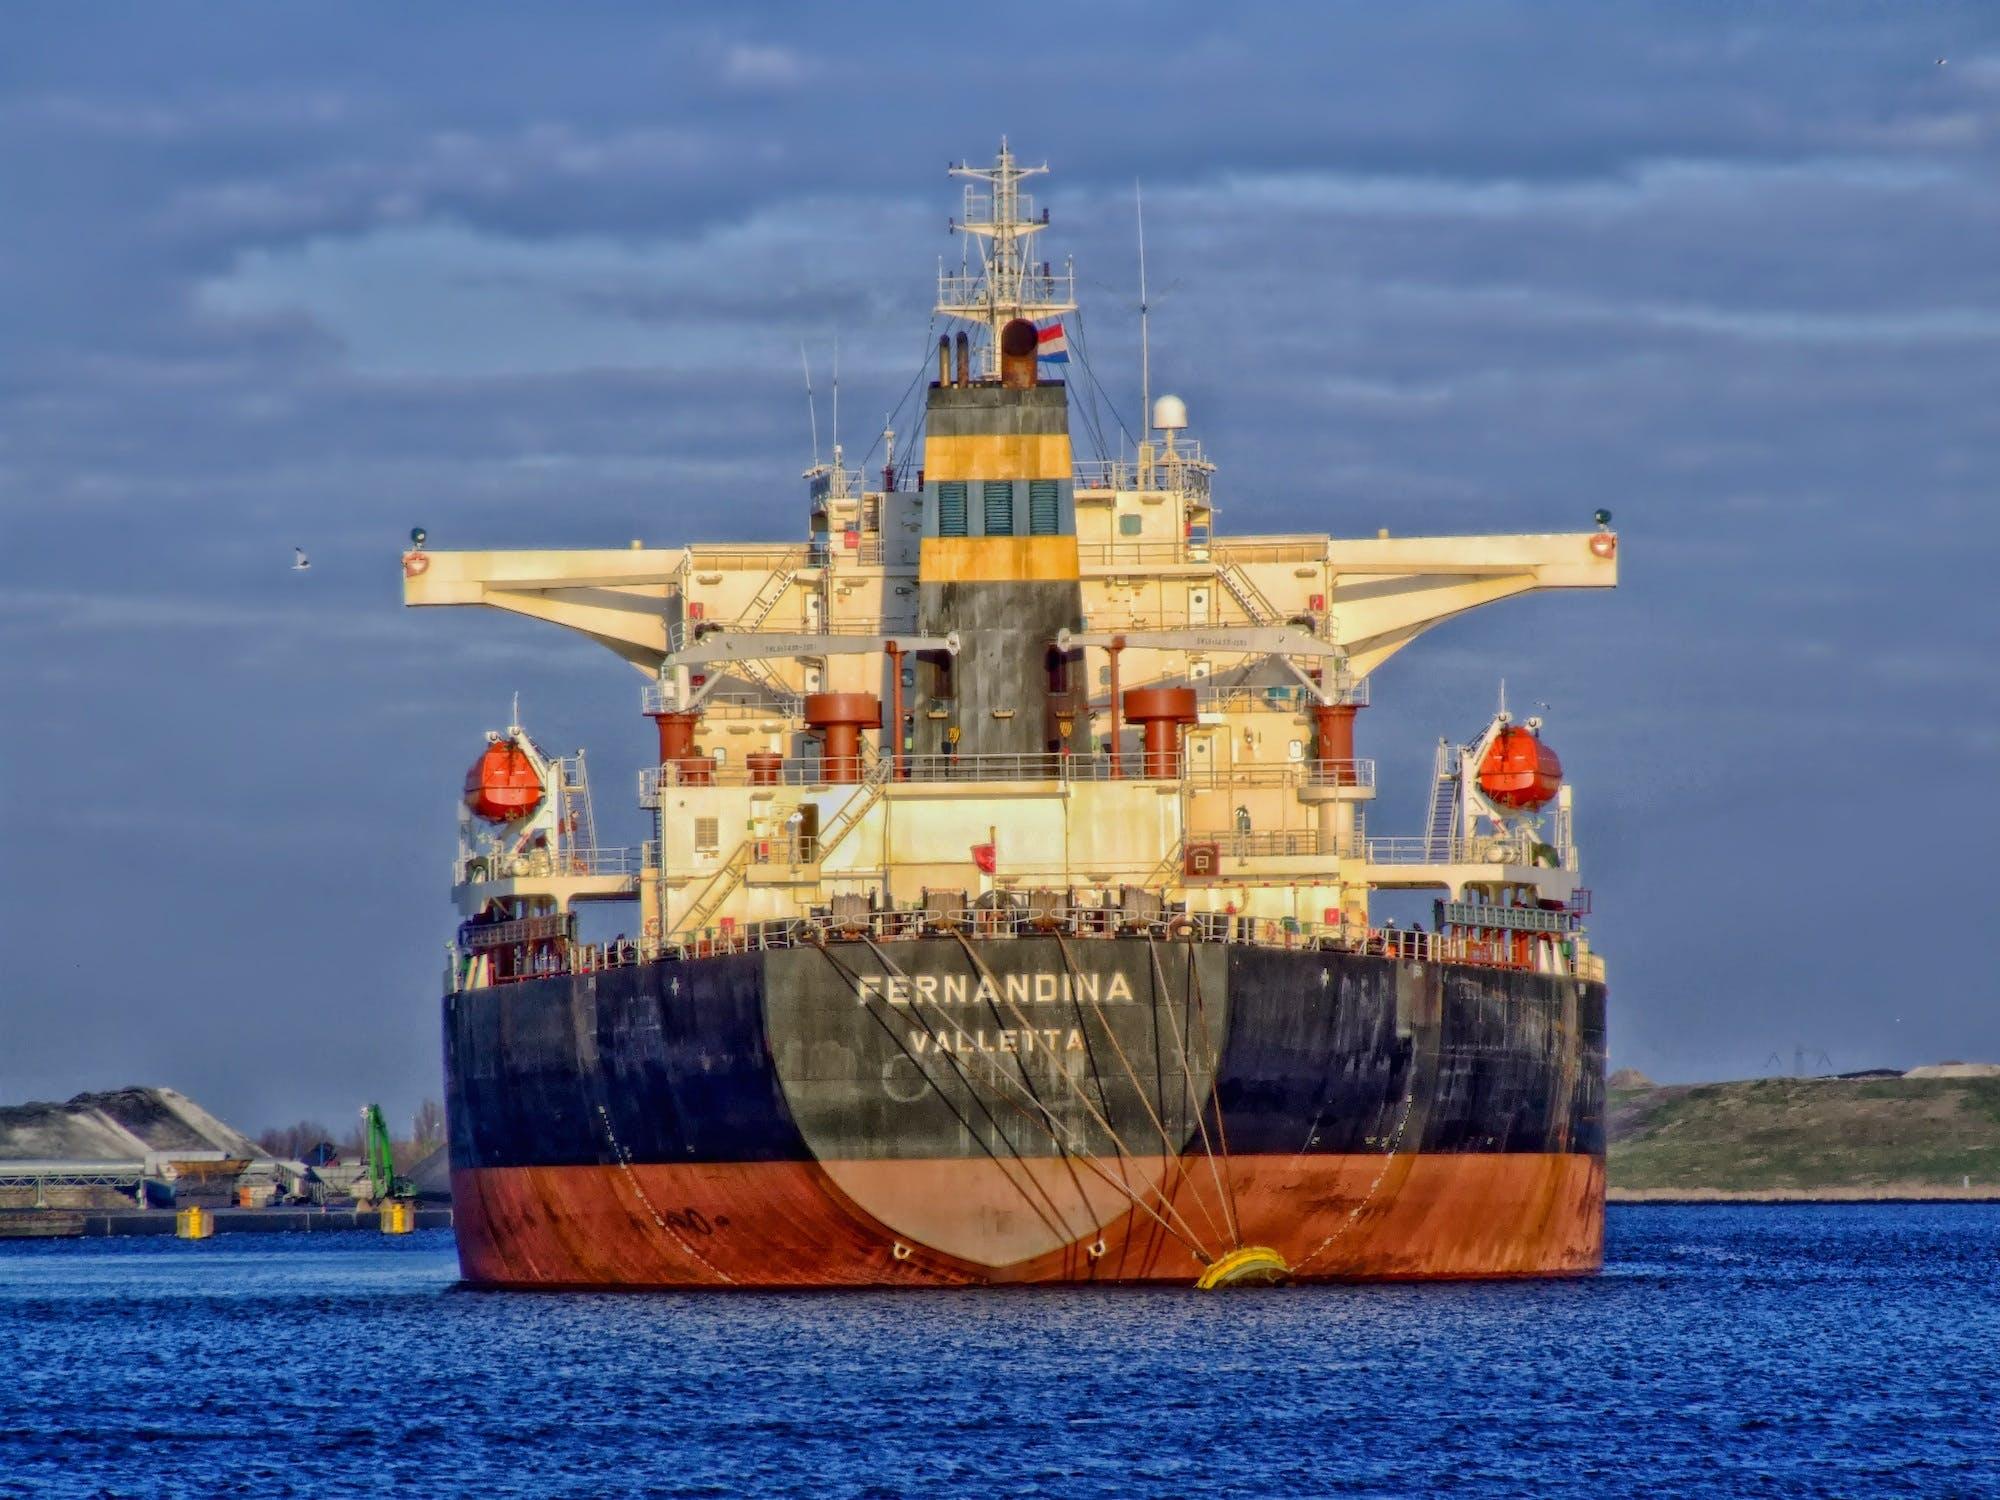 Blue and White Fernandina Ship on Ocean